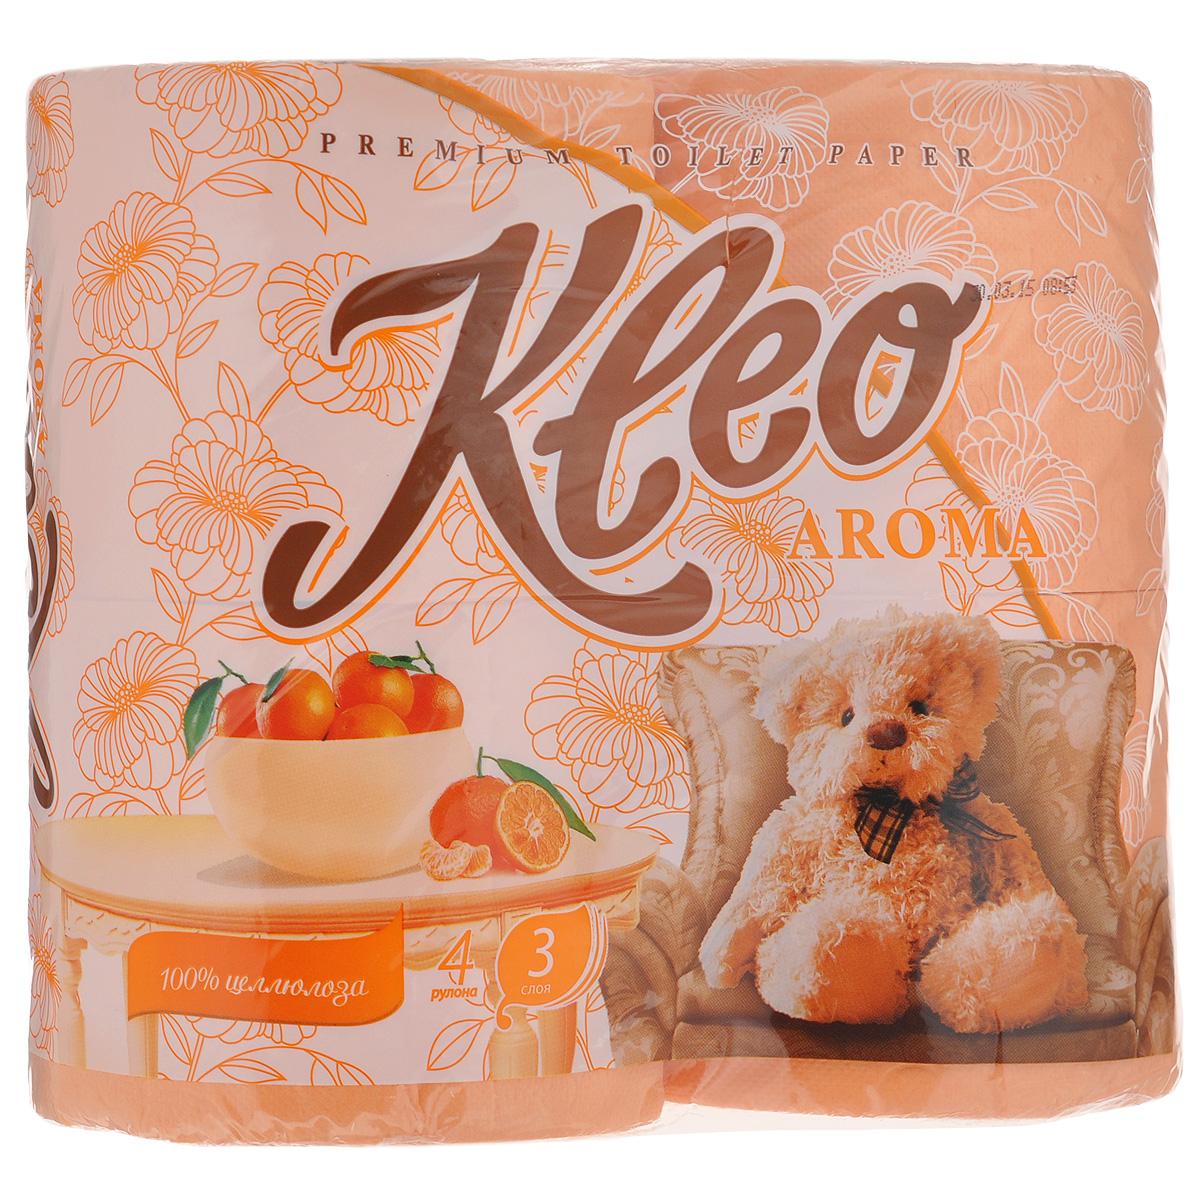 Туалетная бумага Kleo Aroma. Mandarin, трехслойная, цвет: персиковый, 4 рулонаC98Туалетная бумага Kleo Aroma. Mandarin, выполненная из натуральной целлюлозы, обеспечивает превосходный комфорт и ощущение чистоты и свежести. Имеет приятный аромат мандарина. Необыкновенно мягкая, но в тоже время прочная, бумага не расслаивается и отрывается строго по линии перфорации. Трехслойные листы имеют рисунок с перфорацией.Количество листов: 168 шт. Количество слоев: 3. Размер листа: 12,5 см х 9,6 см. Состав: 100% целлюлоза, ароматизатор.